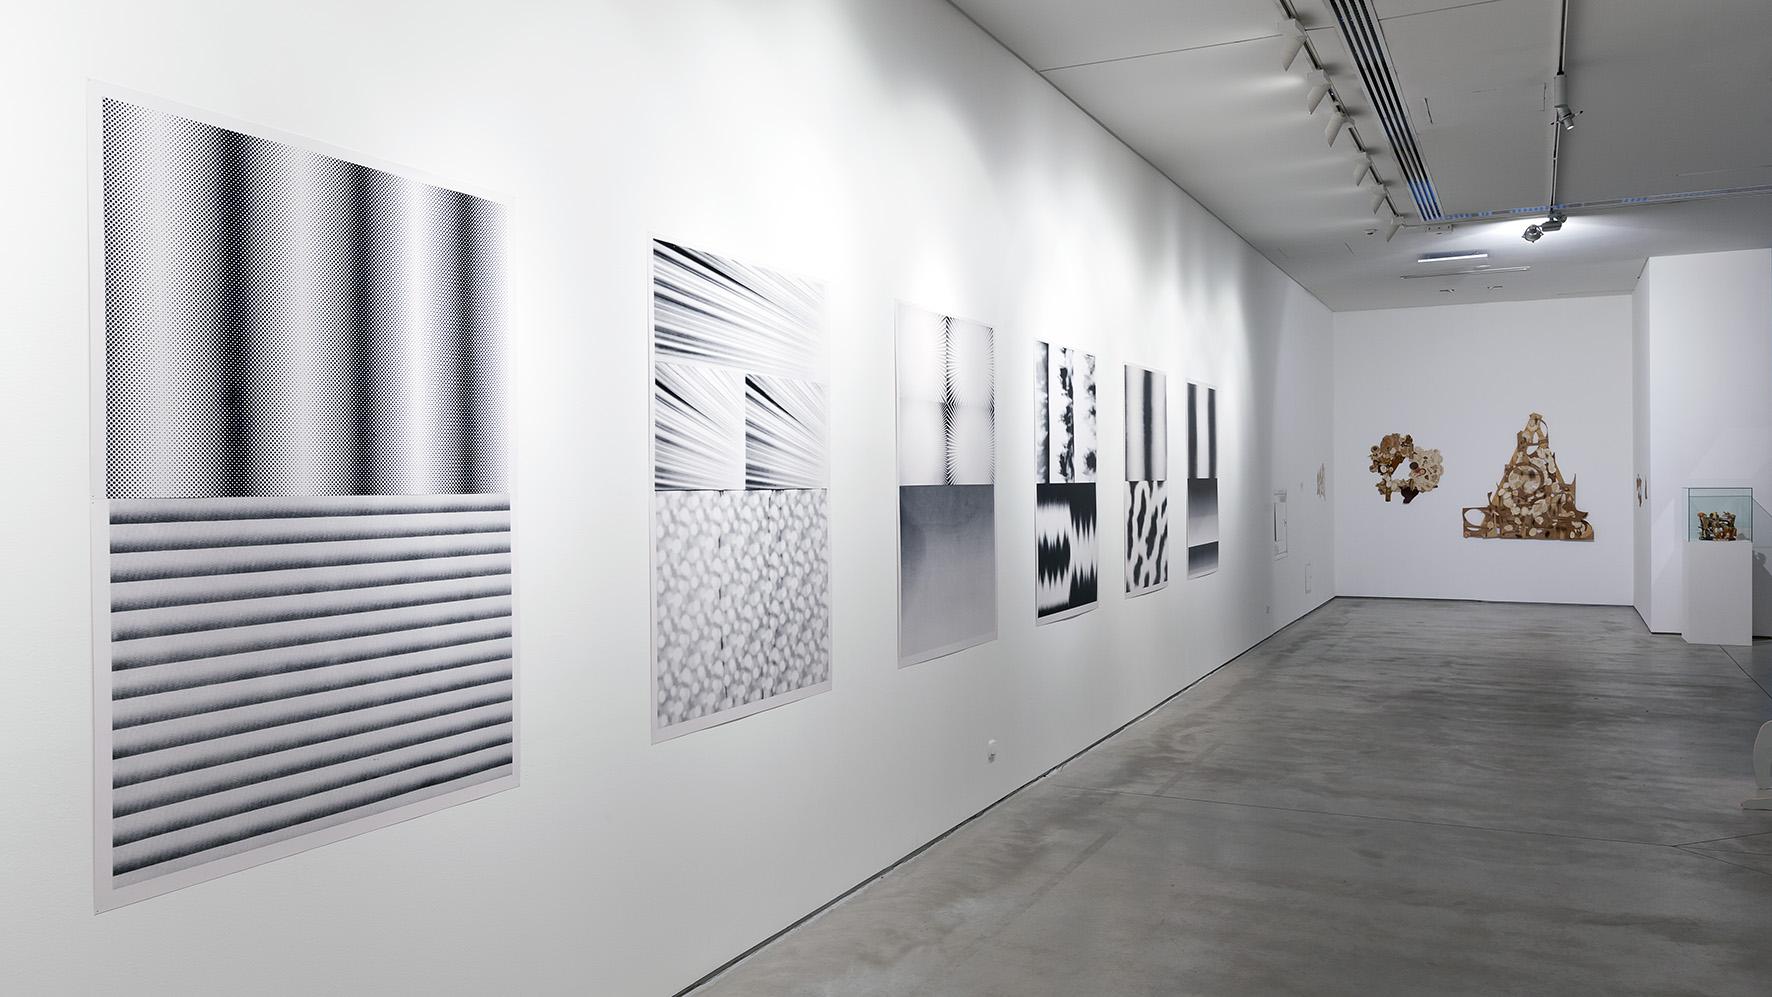 Teppei Kaneuji, Marzenie ugotowane natwardo, 2014, sitodruk, 11 części